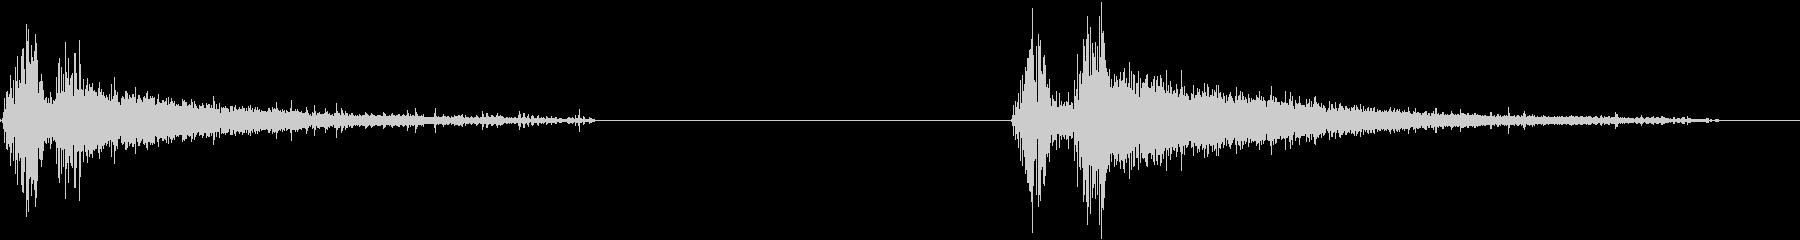 ドリル、電動、ハンドヘルド、オン、...の未再生の波形